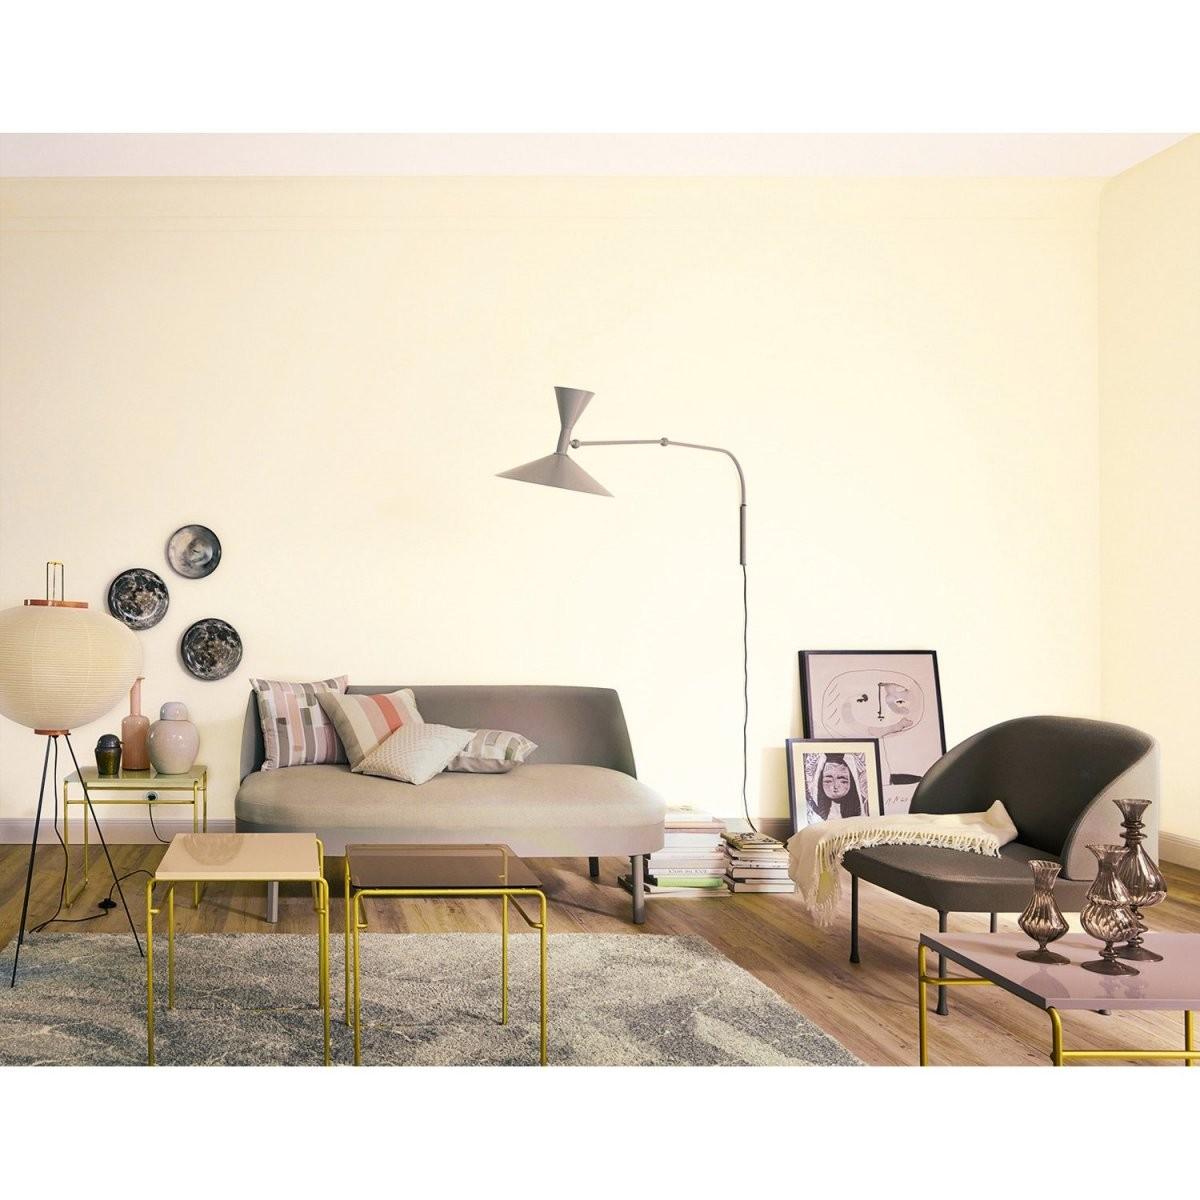 Schöner Wohnen Trendfarbe Tester Cashmere Matt 50 Ml Kaufen Bei Obi von Schöner Wohnen Trendfarbe Tester Photo